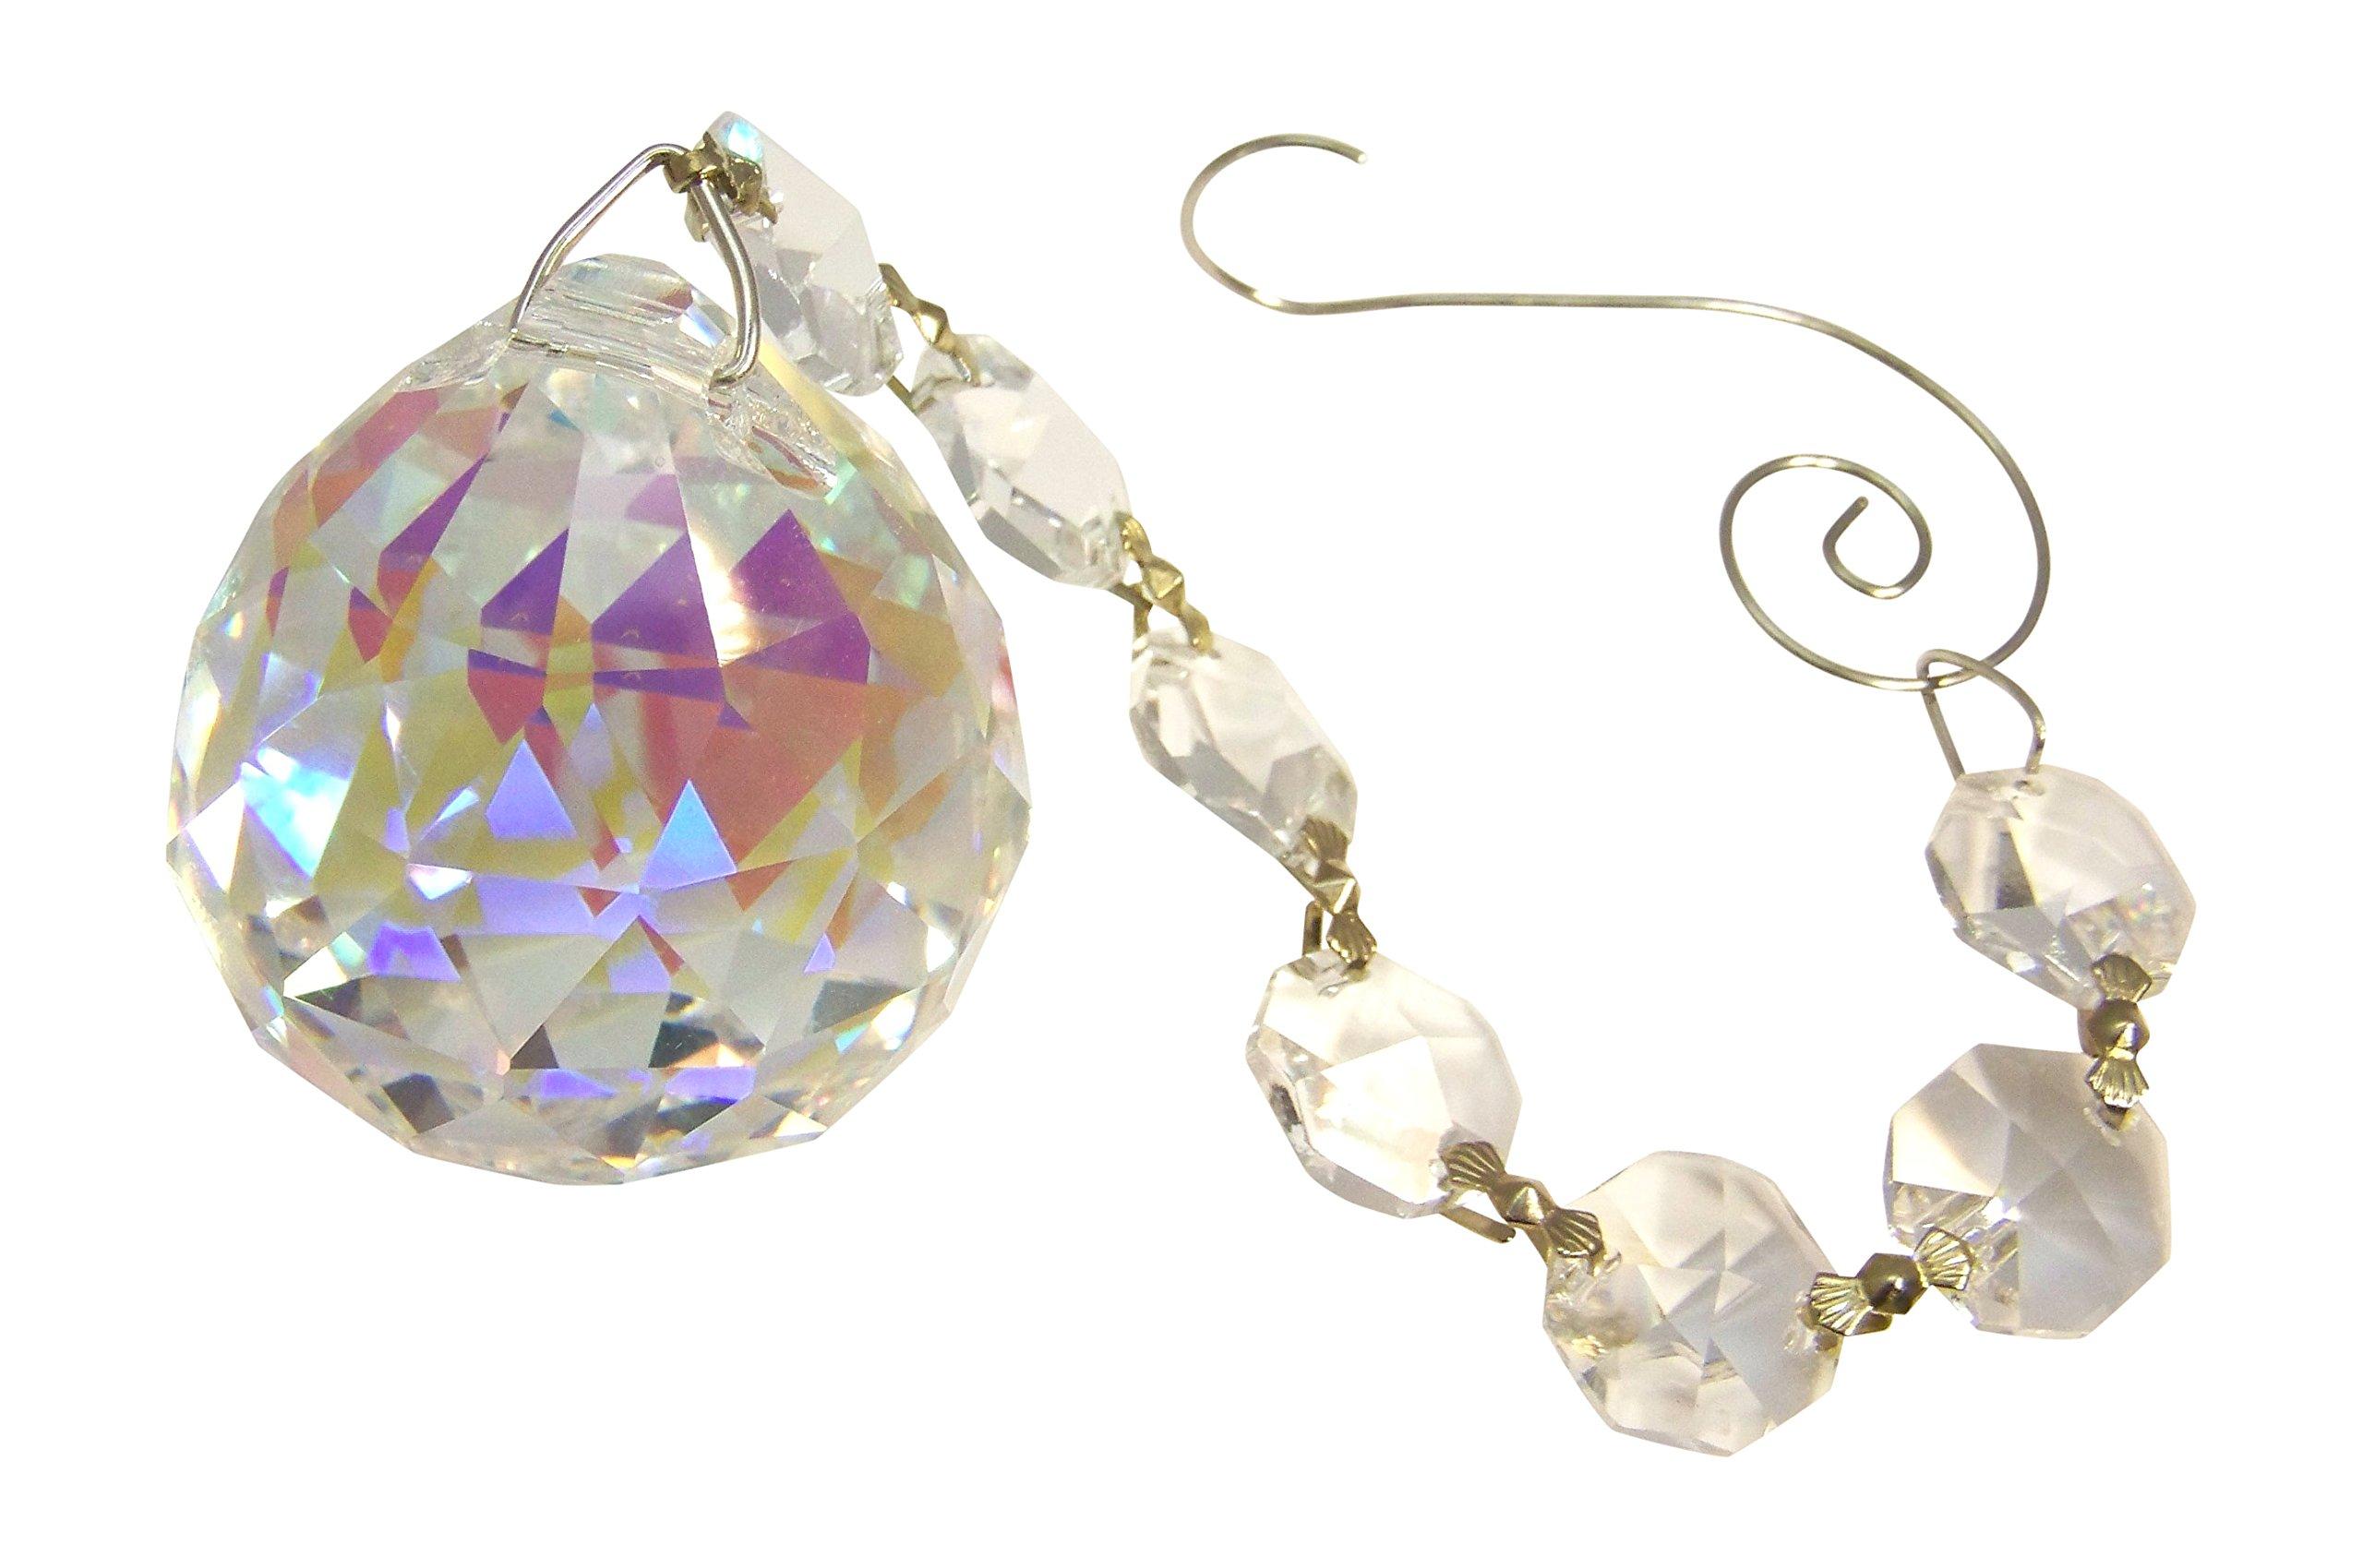 GypsyBeat Crystal Dream 40mm 1.57'' aurora borealis (AB) crystal prism ball suncatcher (GBCDAB)